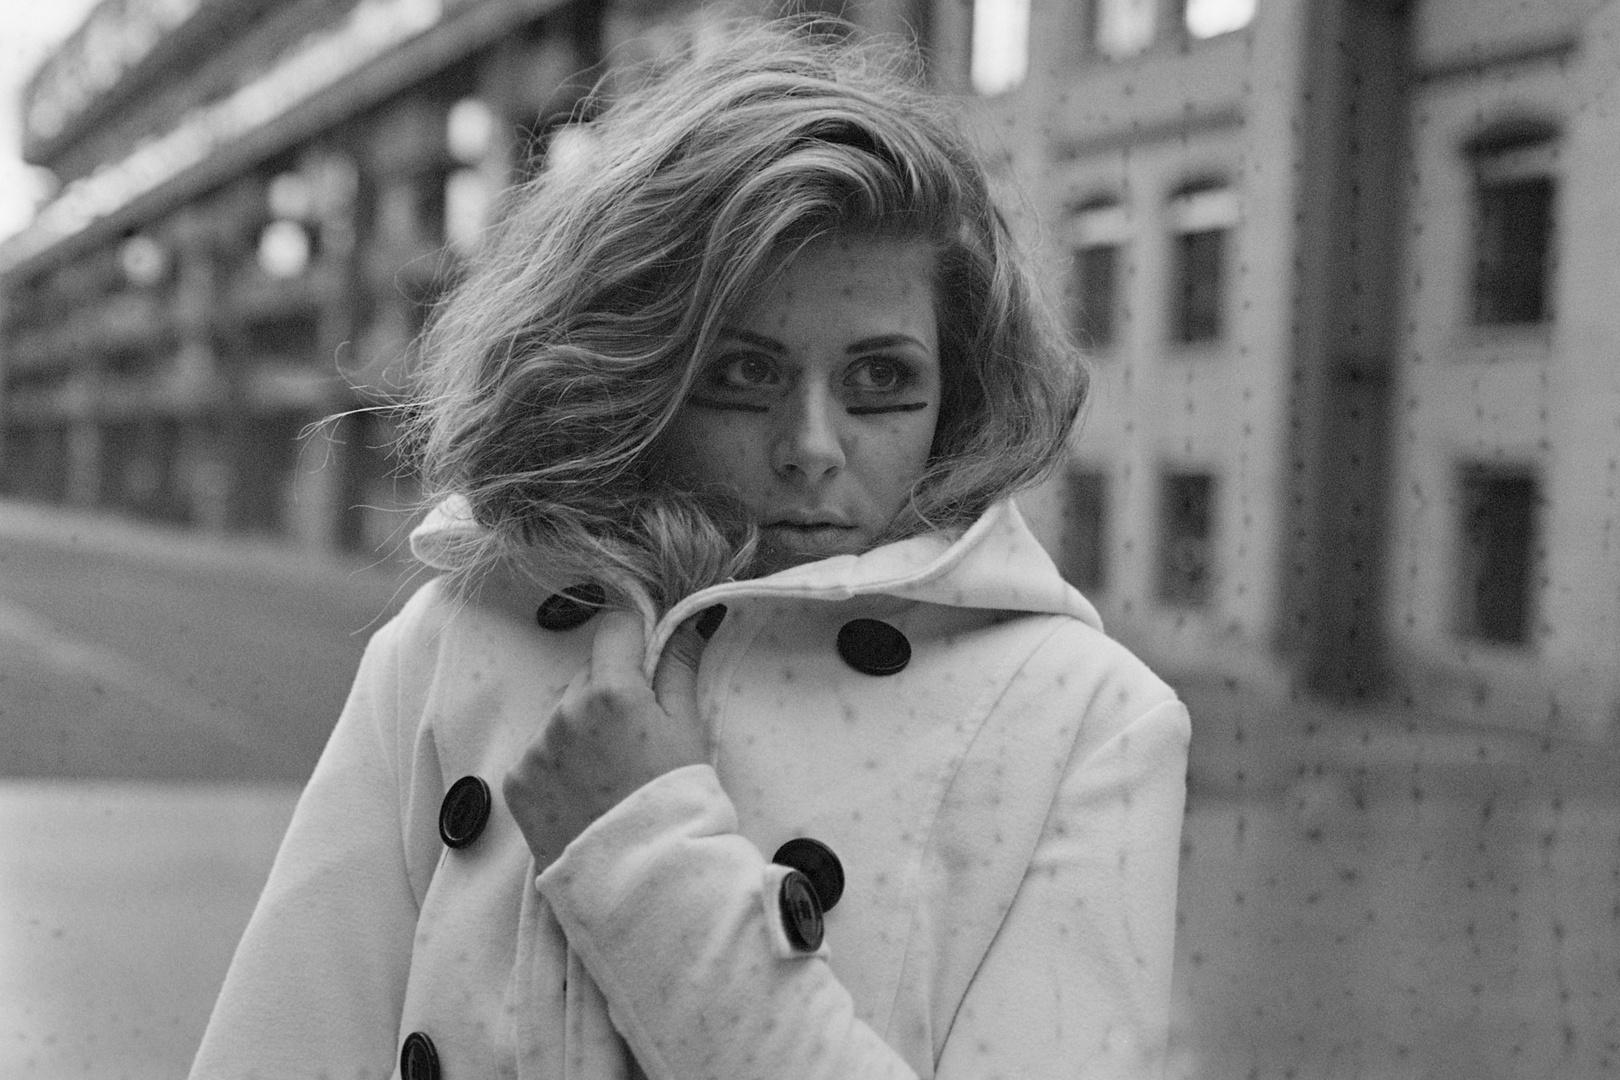 Portrait auf s/w- Film